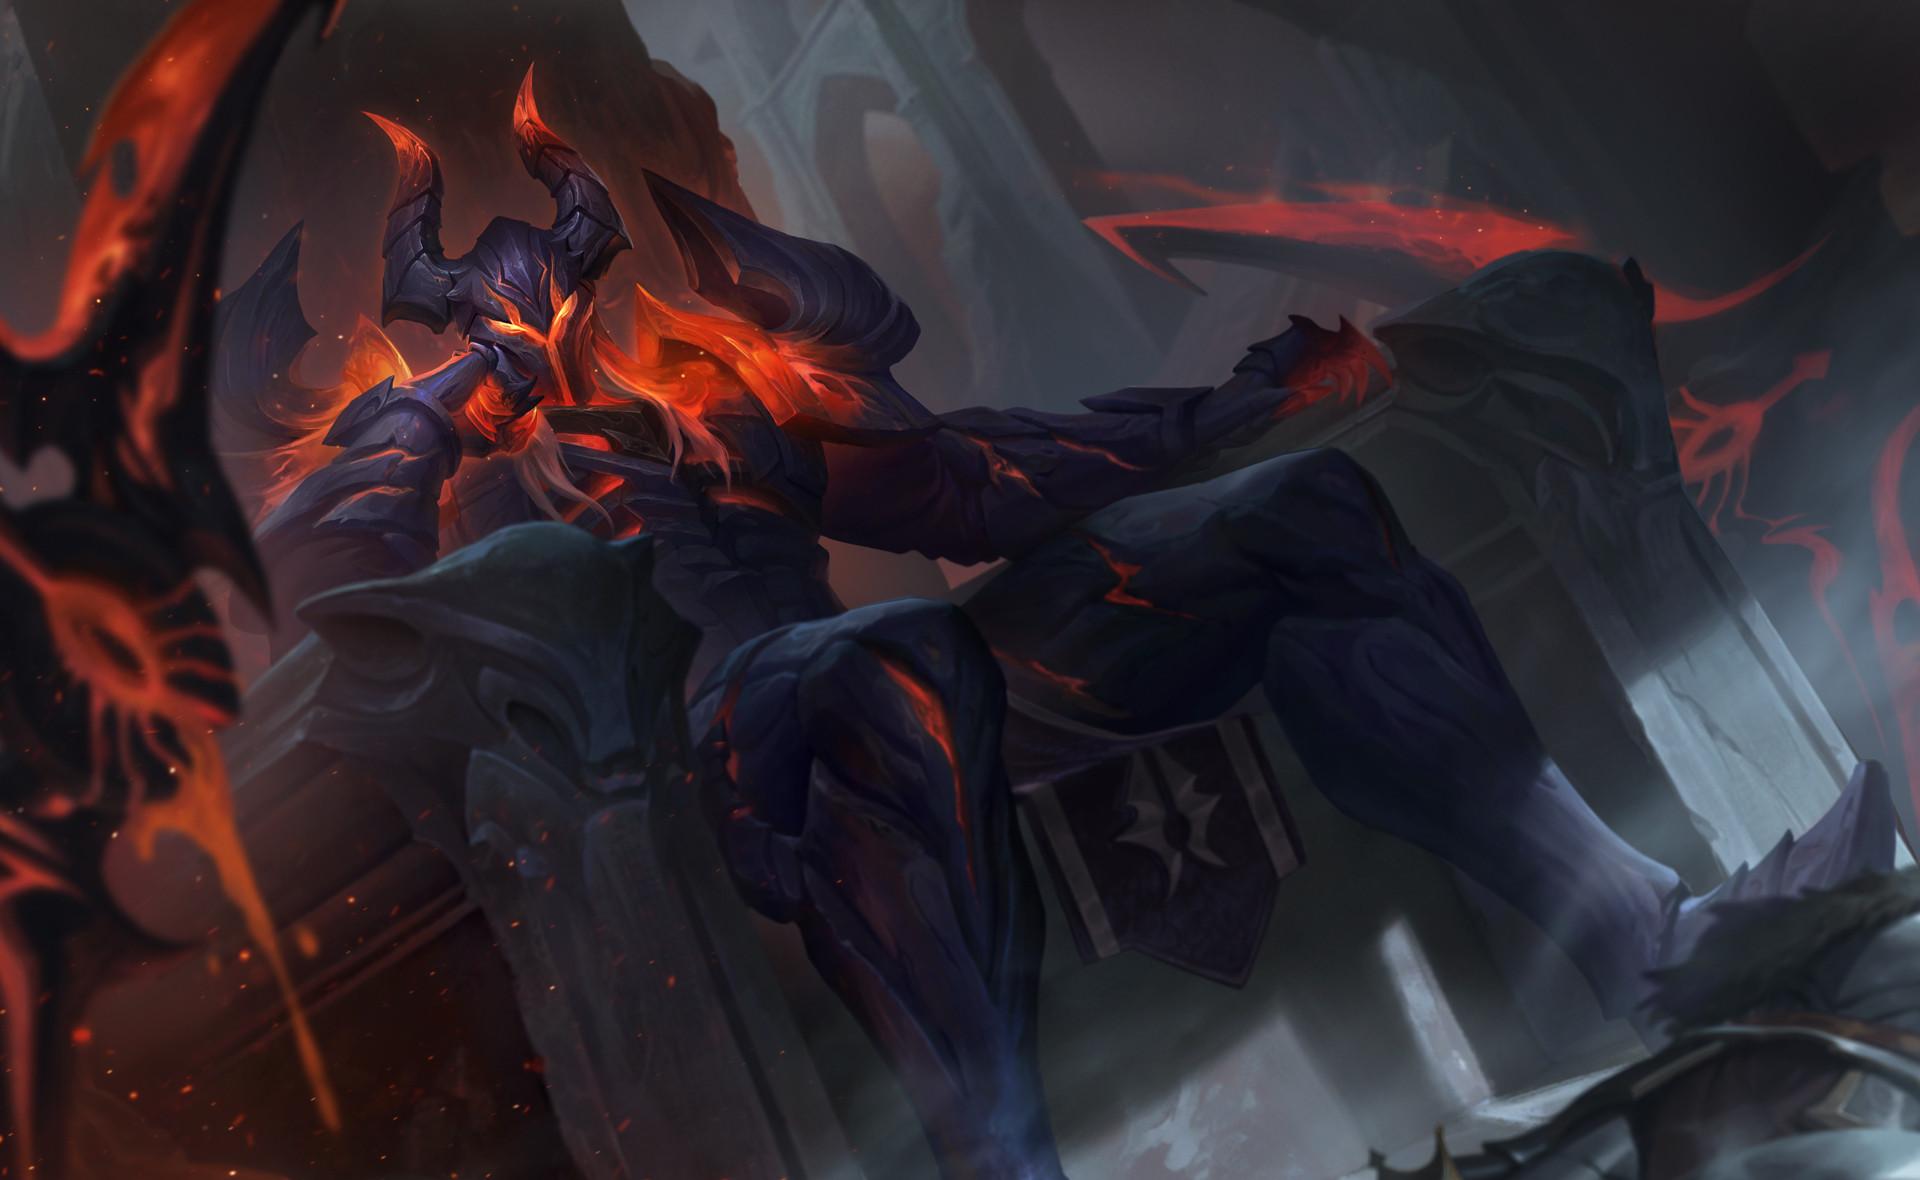 Hình nền Nakroth Chiến Binh Hỏa Ngục ảnh nét 4K - Ảnh 1